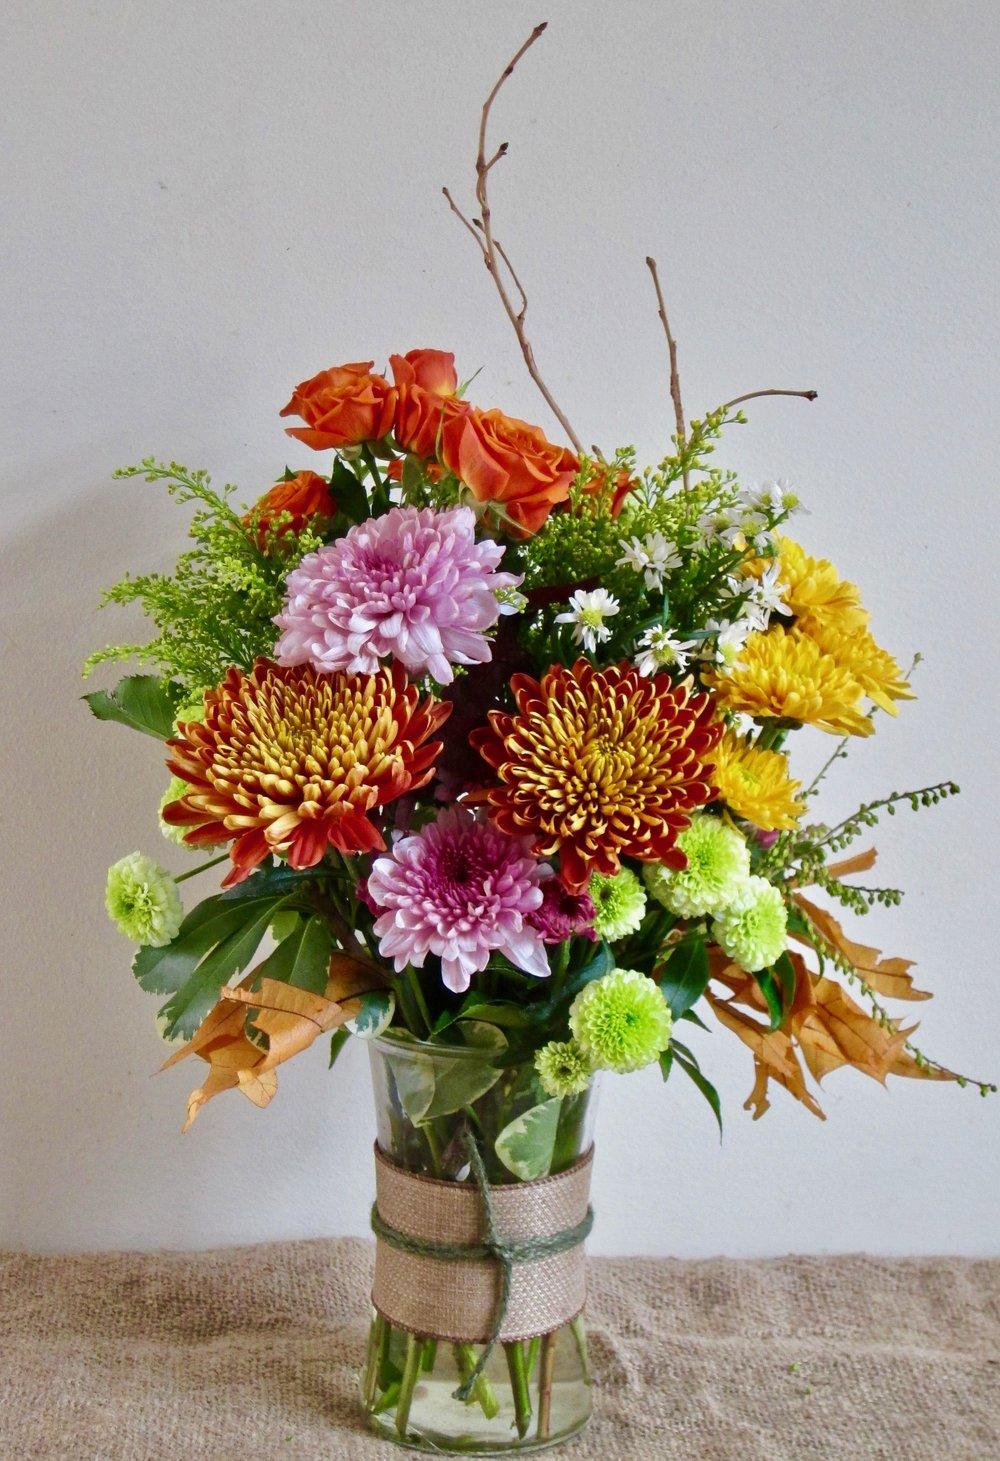 BURLAP BOUQUET, 6 inch vase, $40.